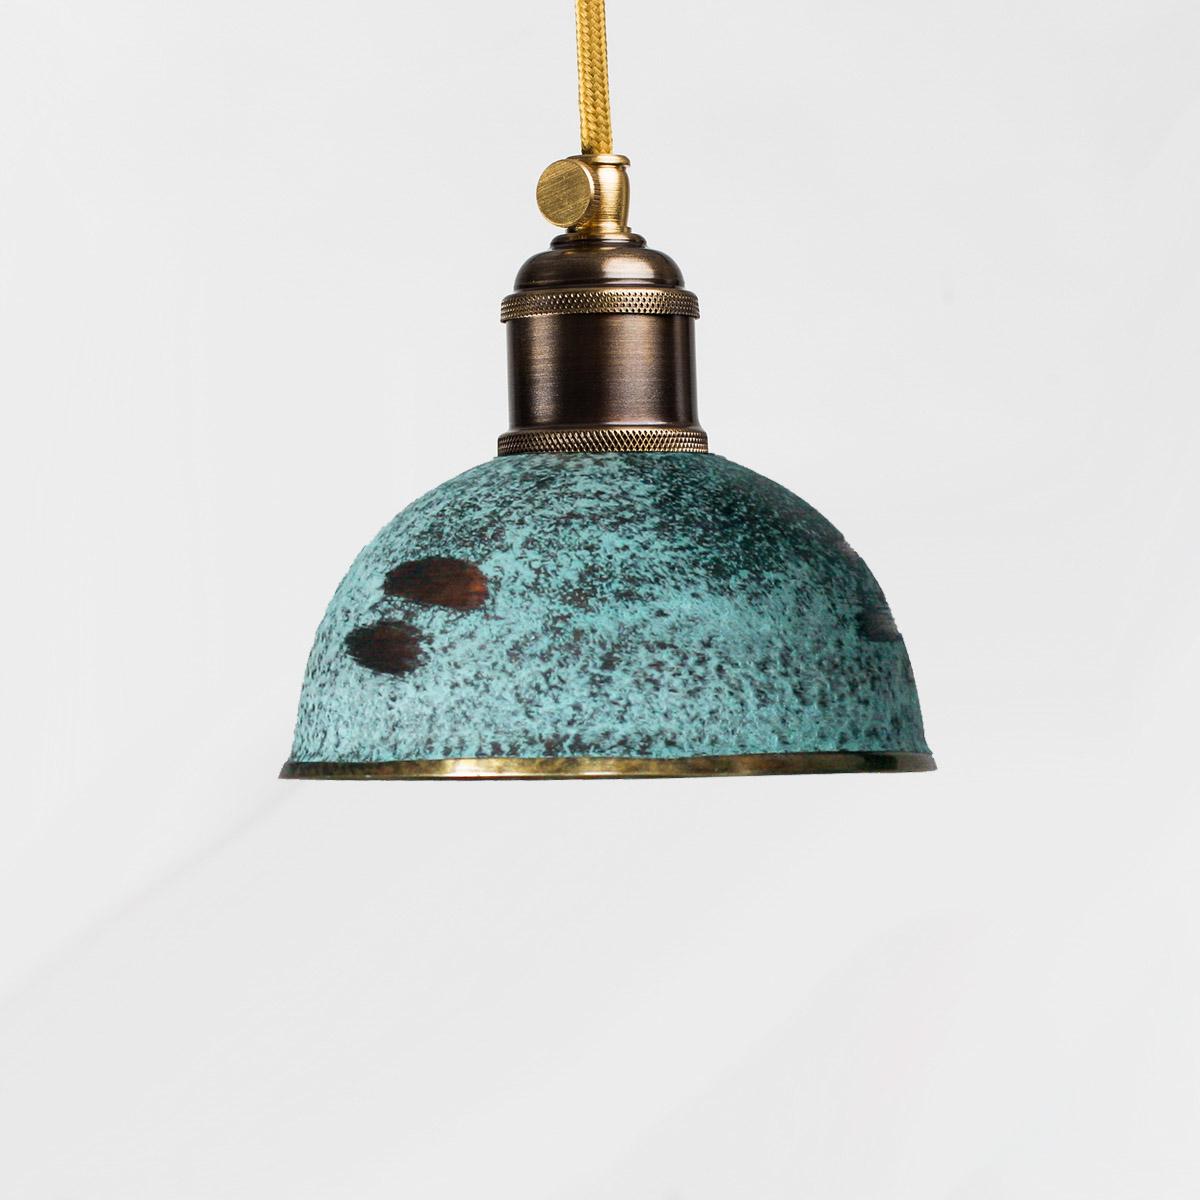 Потолочный светильник Small зеленый